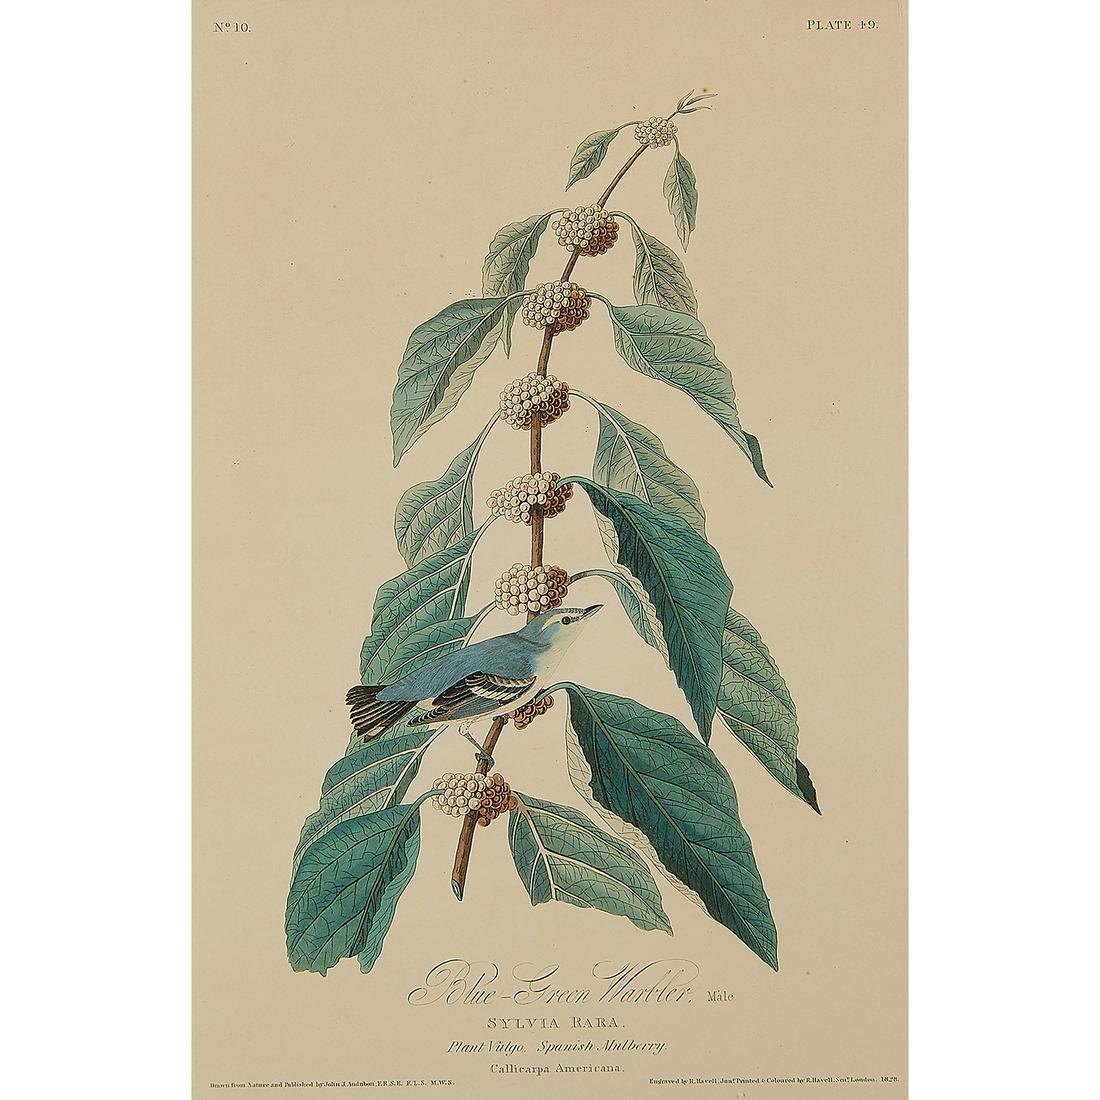 After John James Audubon, Blue-Green Warbler